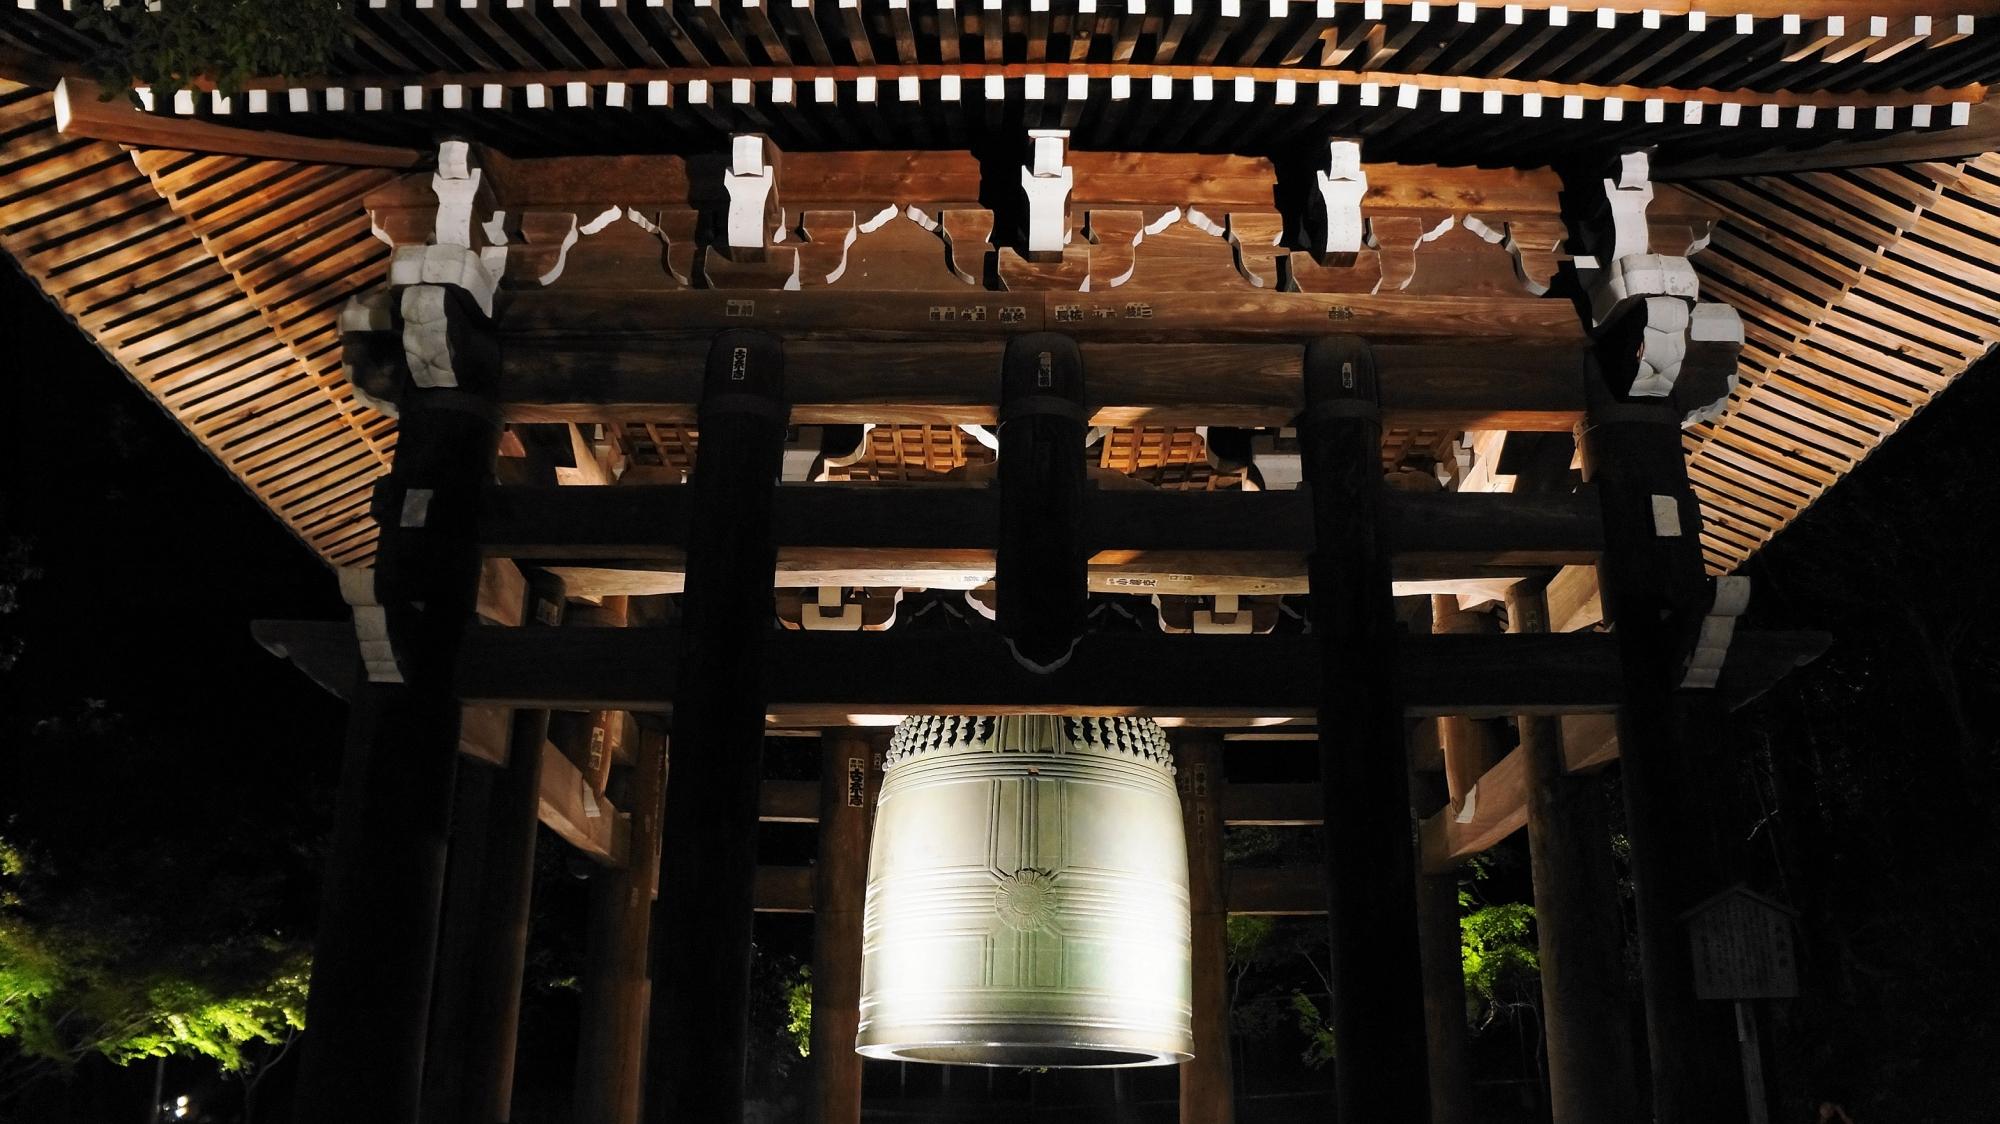 知恩院の大鐘のライトアップ